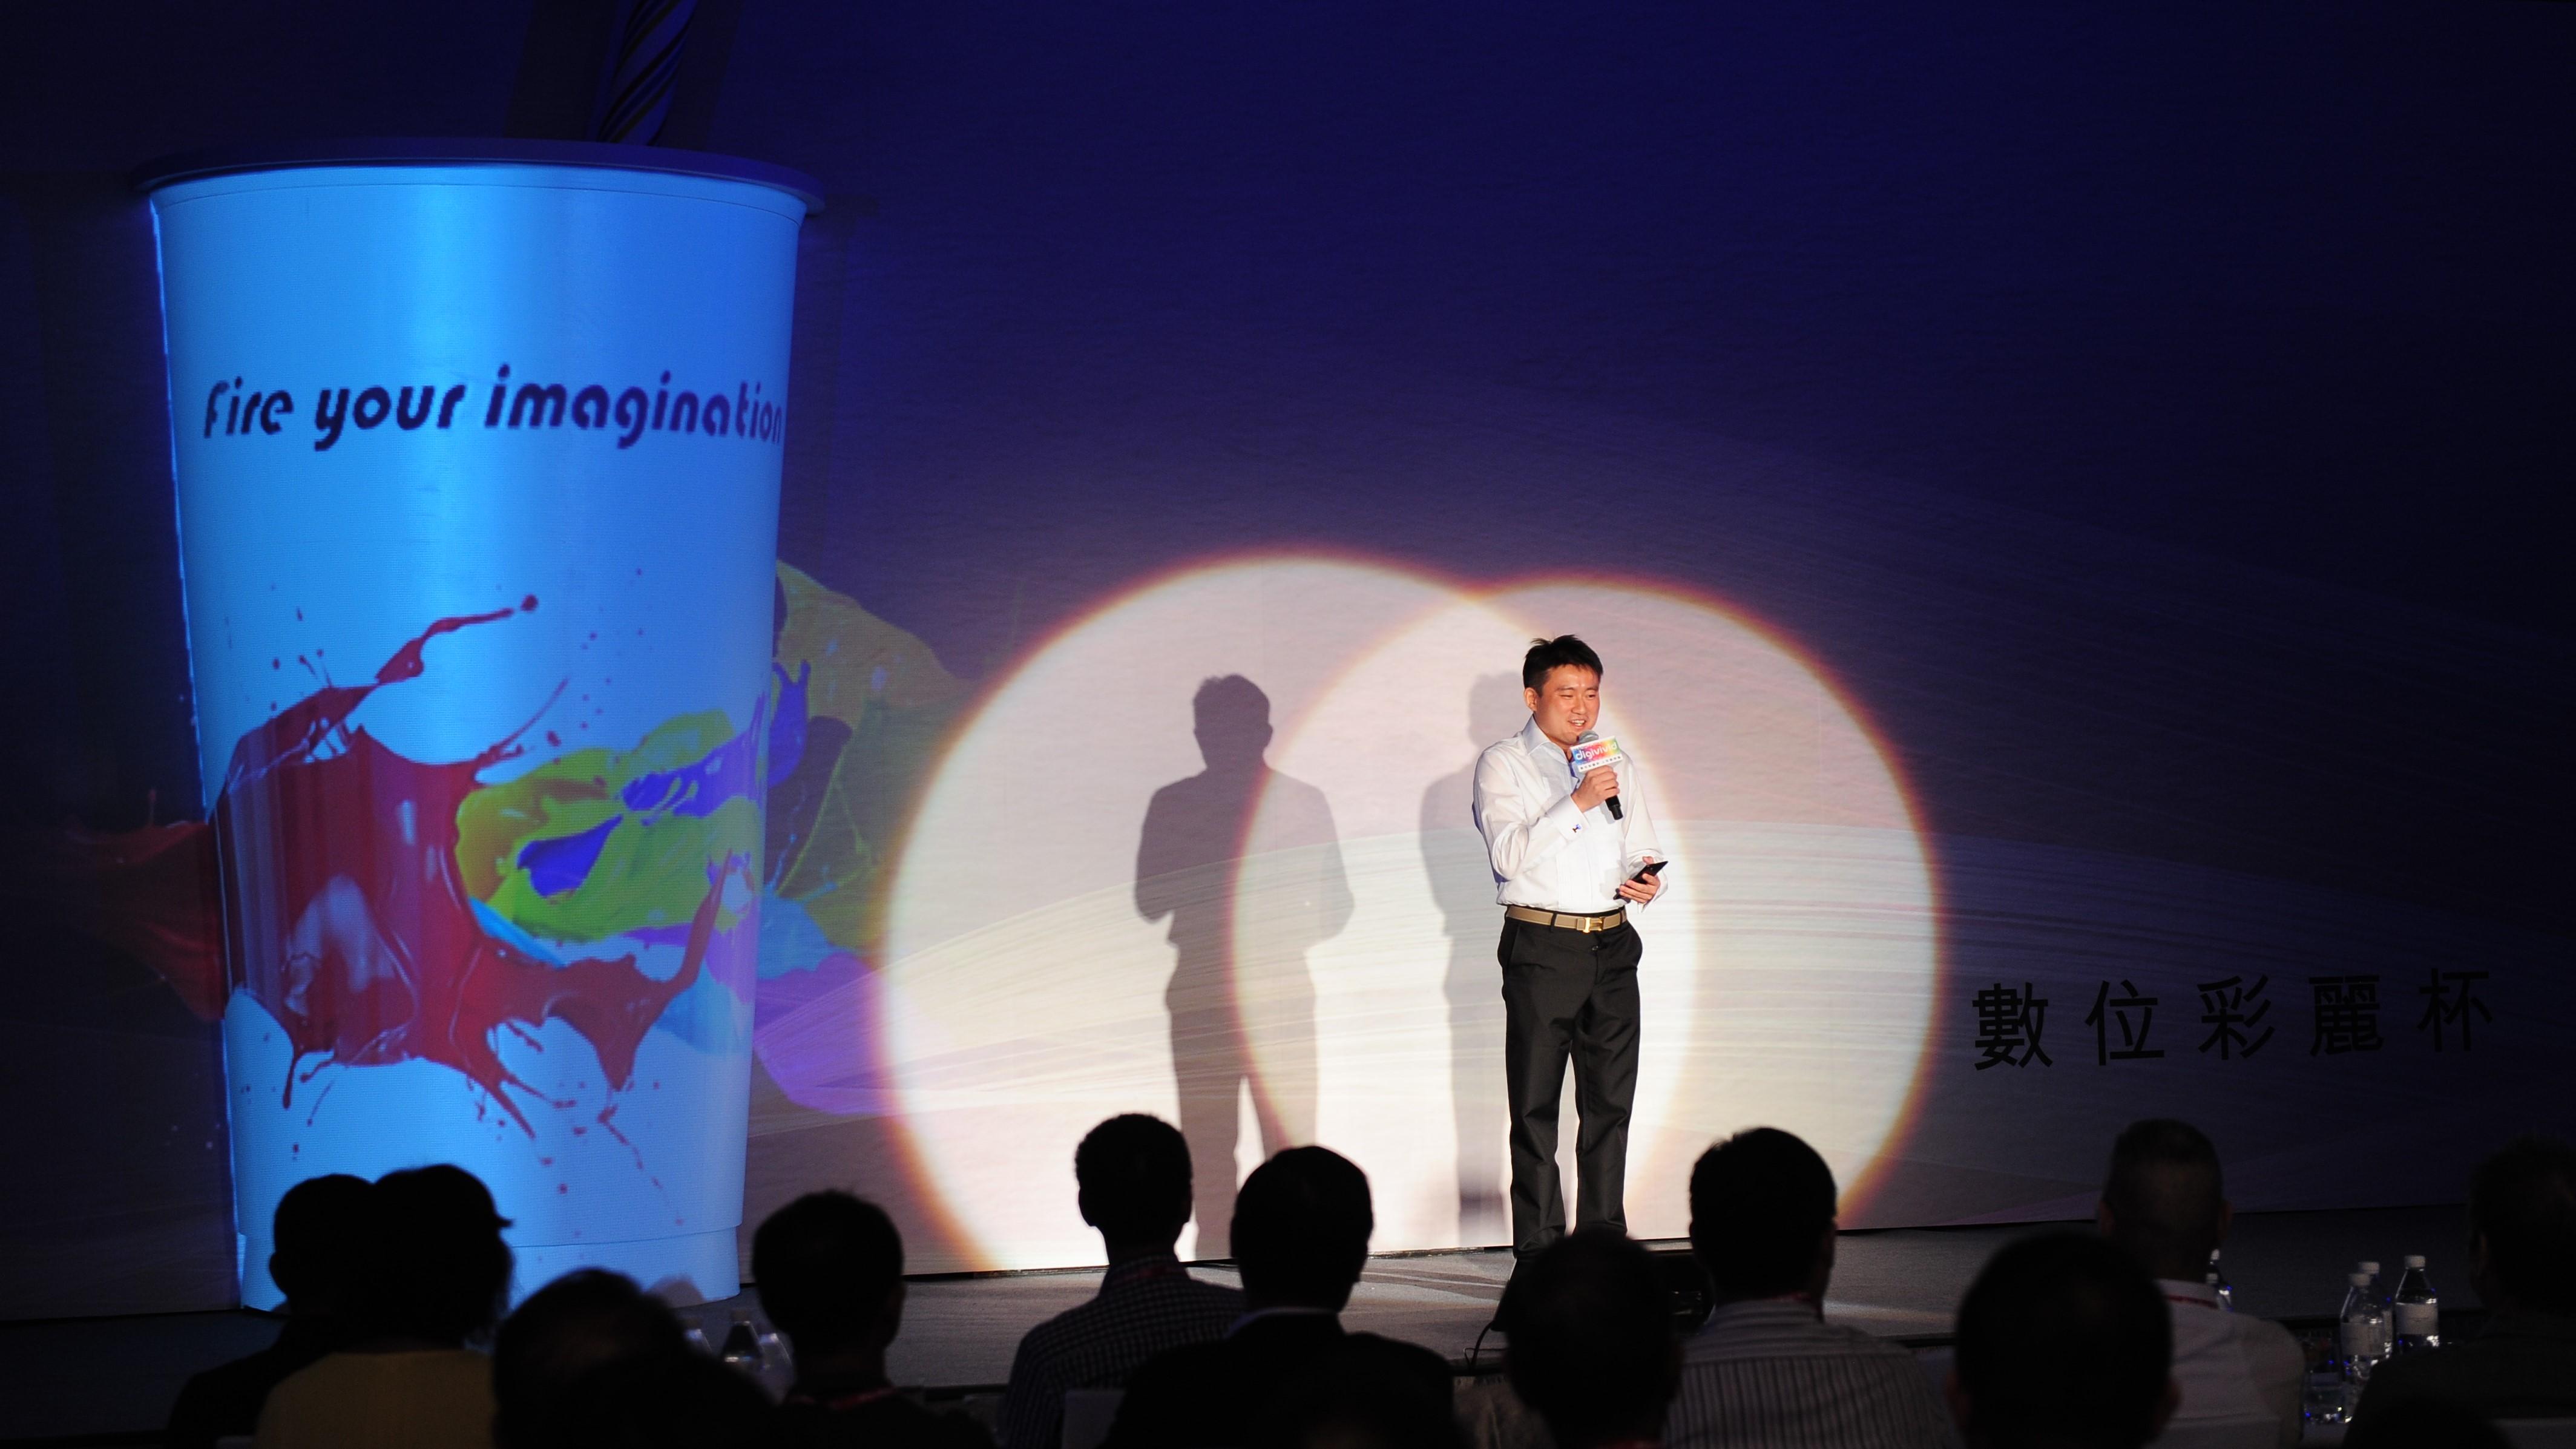 瑞興工業 digivivid 數位彩麗杯 上市發佈會